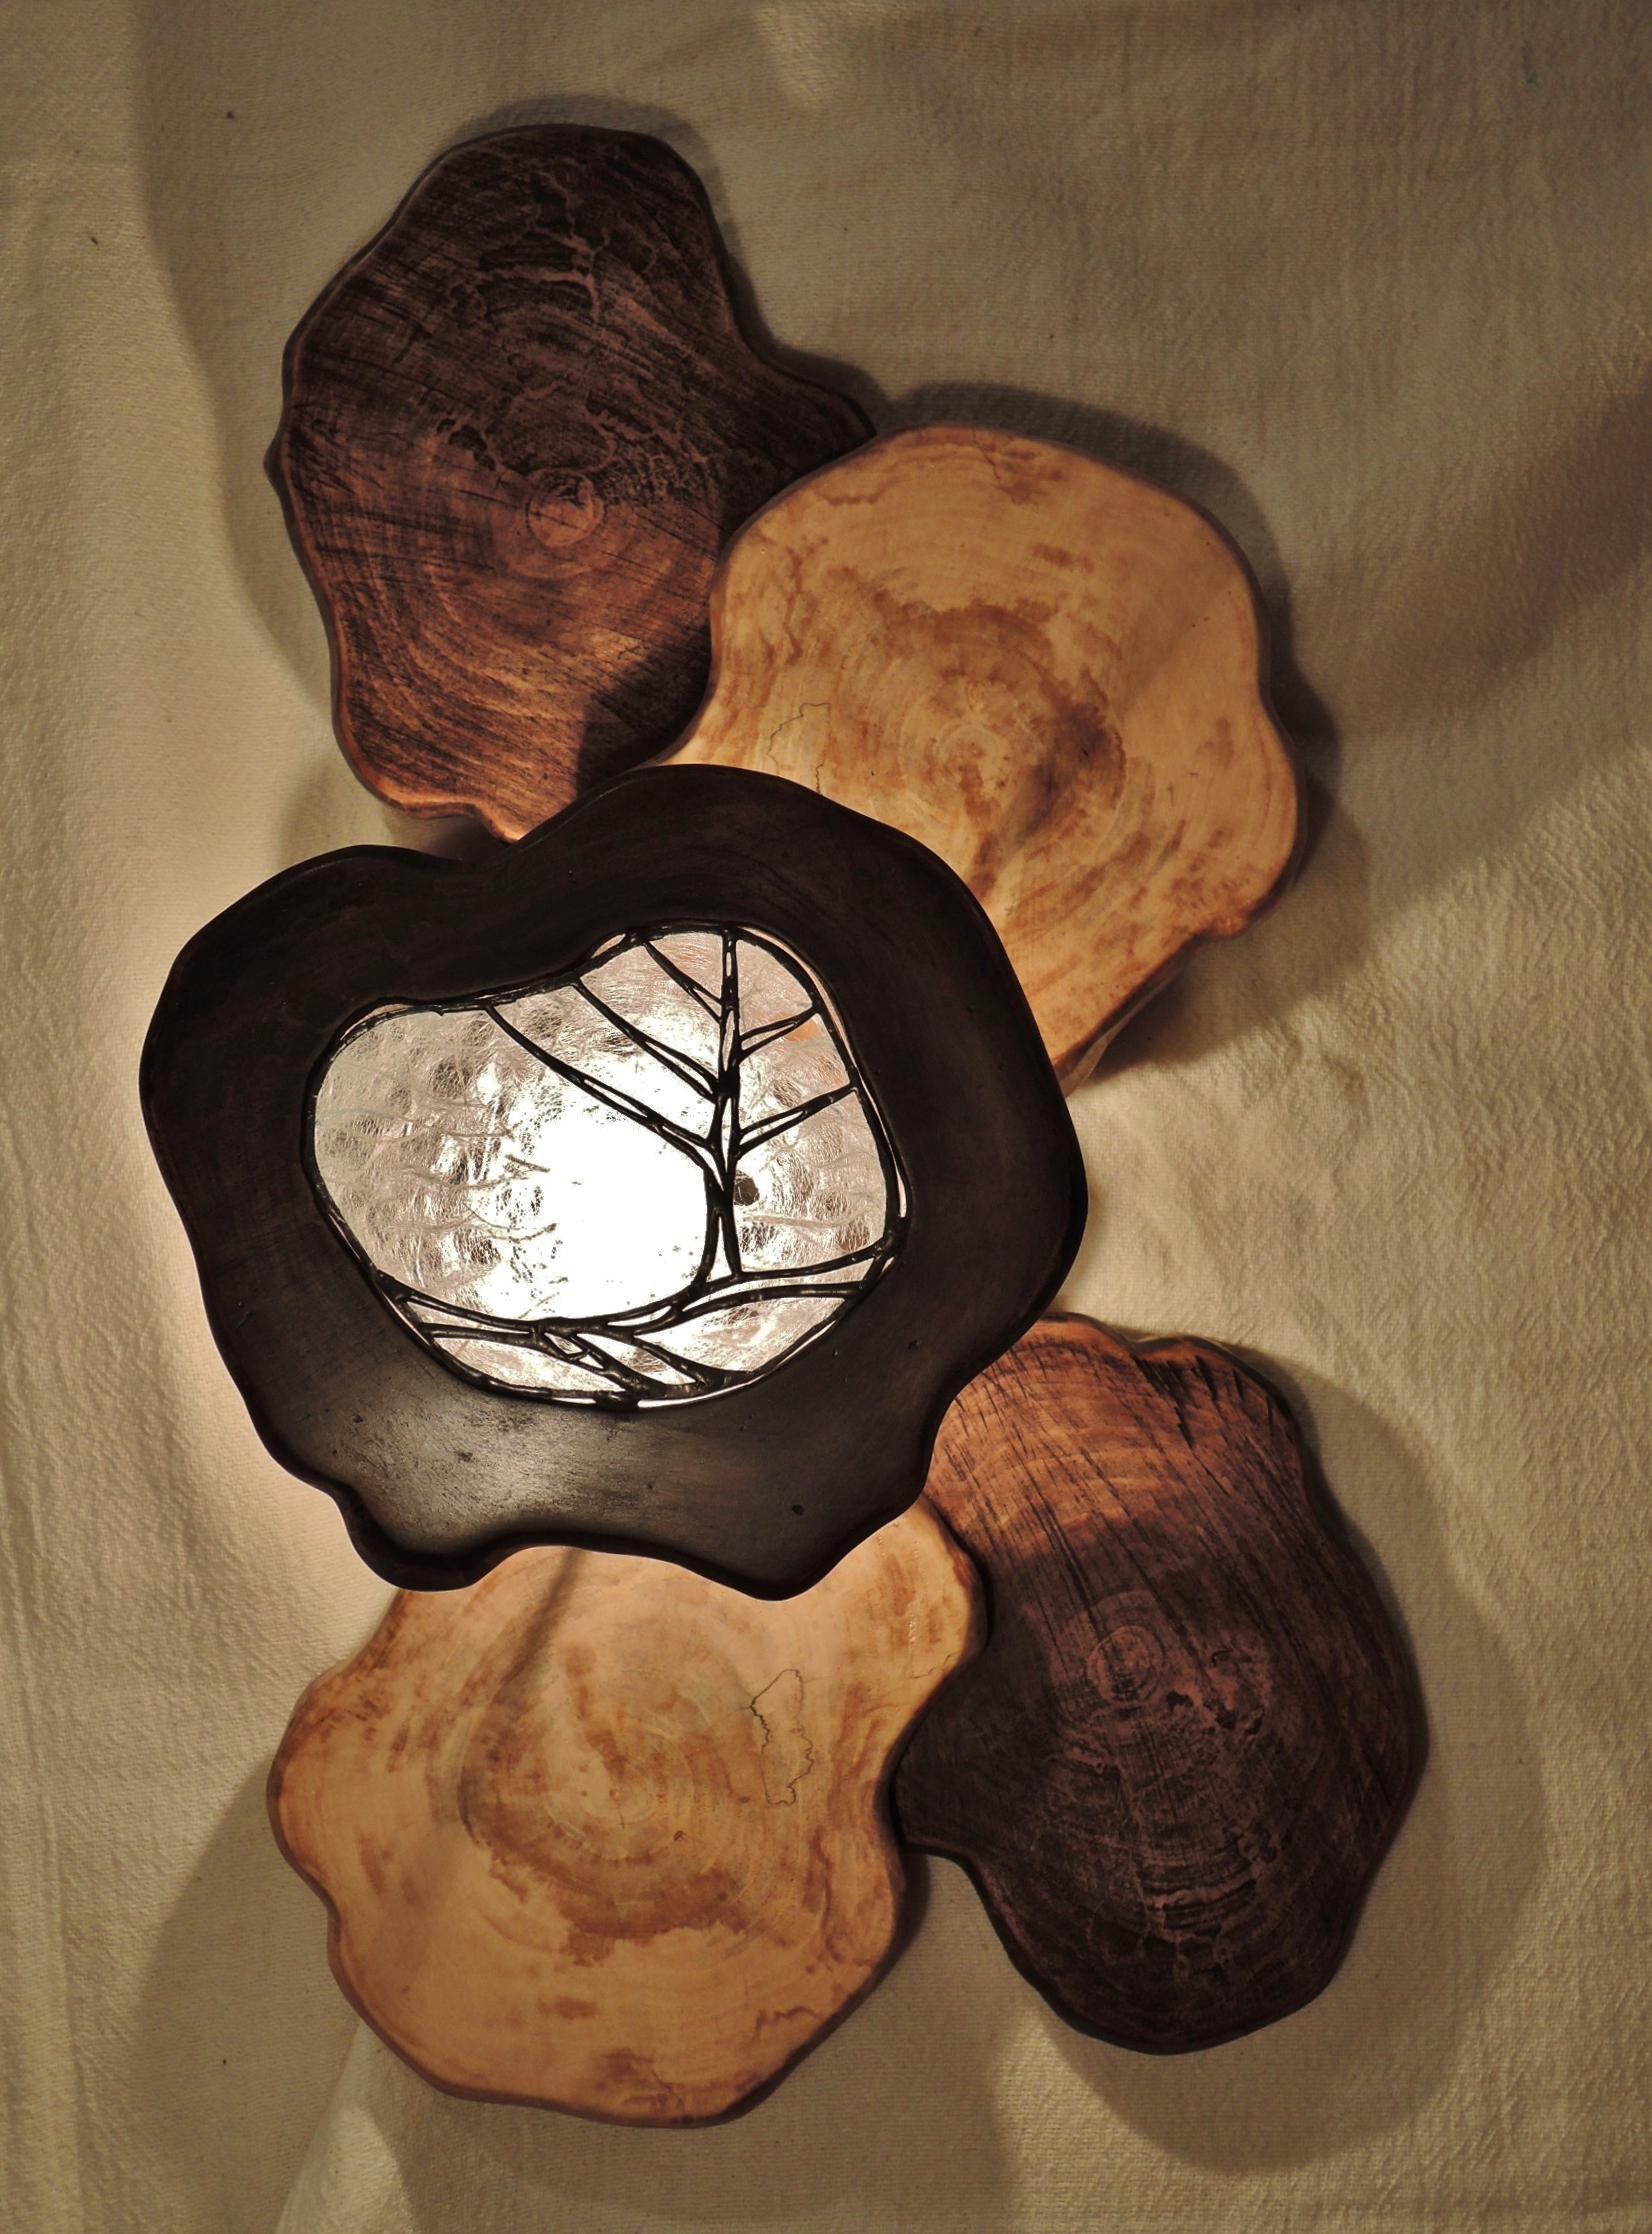 313(ウォール) W25/D13/H25(cm) 素材・木・ガラス・和紙